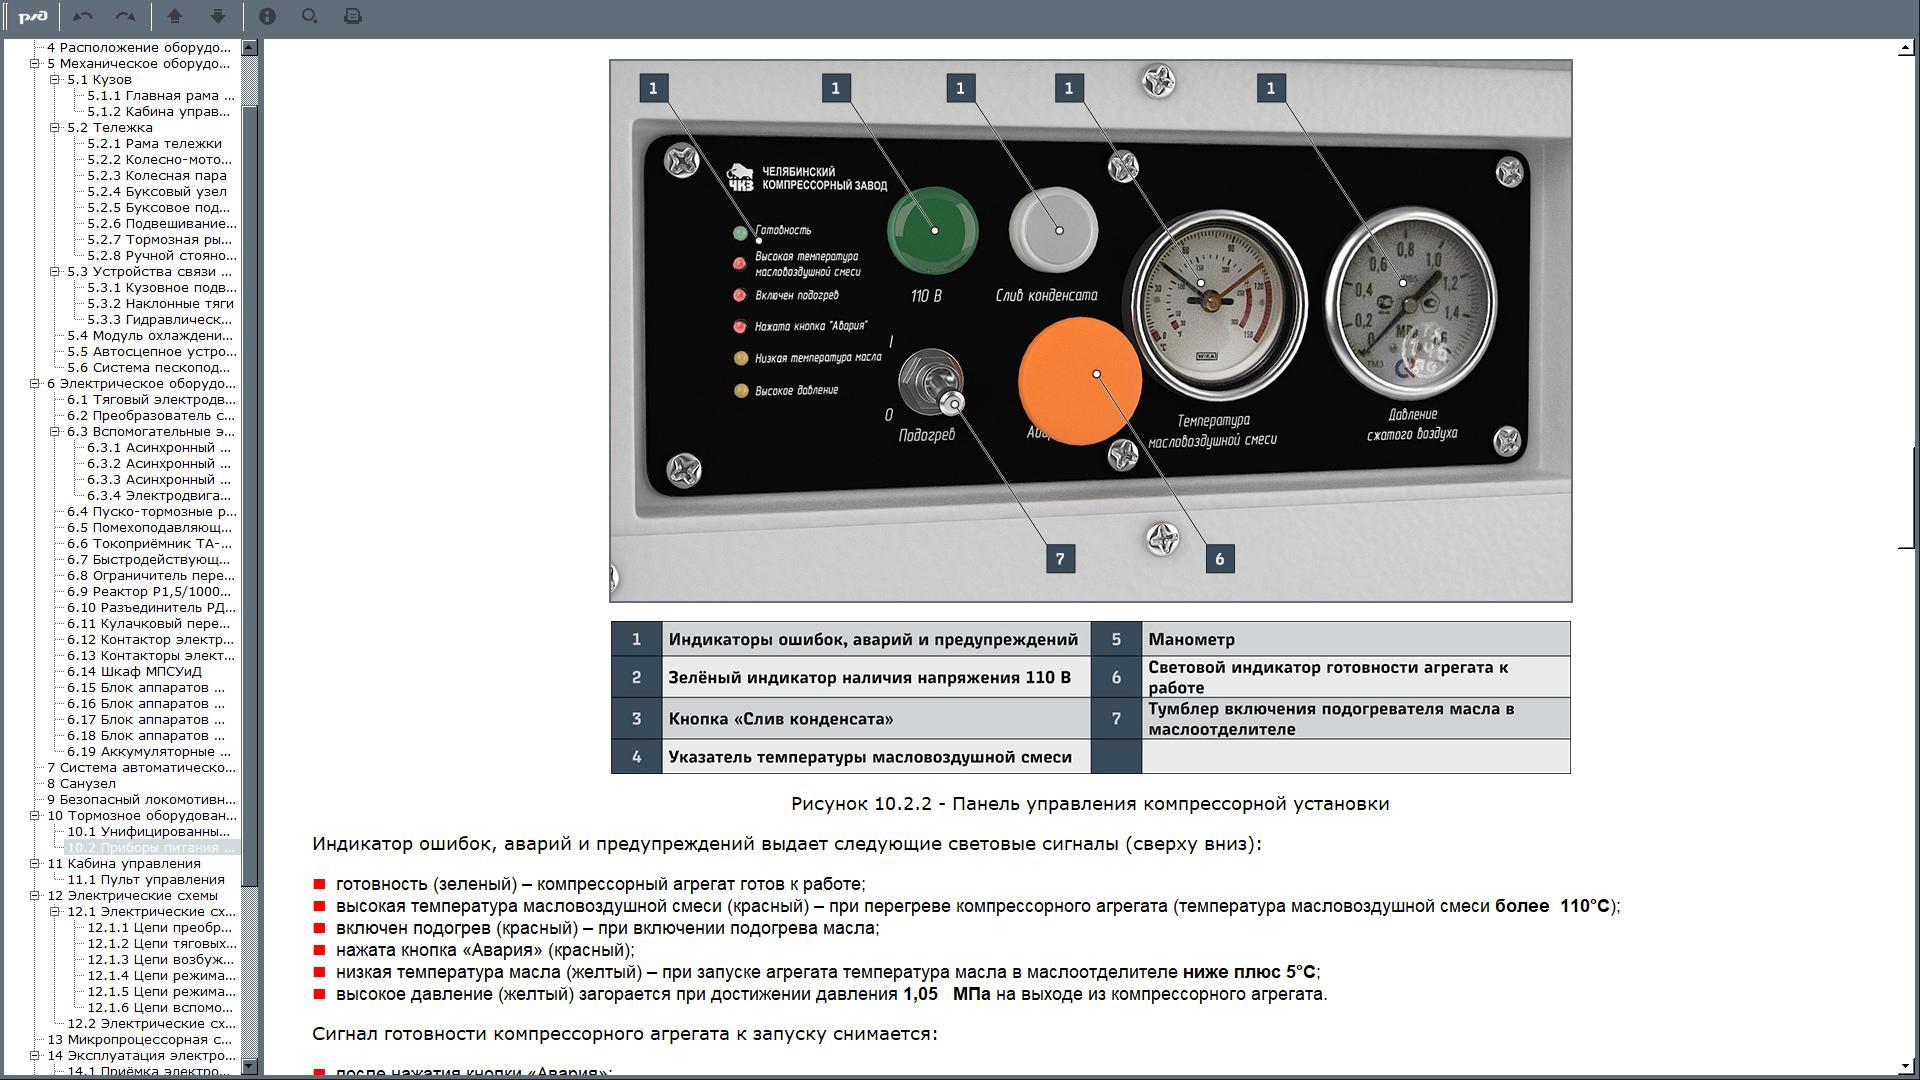 2es6 manual 09 Электронный учебный комплекс «Устройство и техническое обслуживание электровоза 2ЭС6 «Синара»